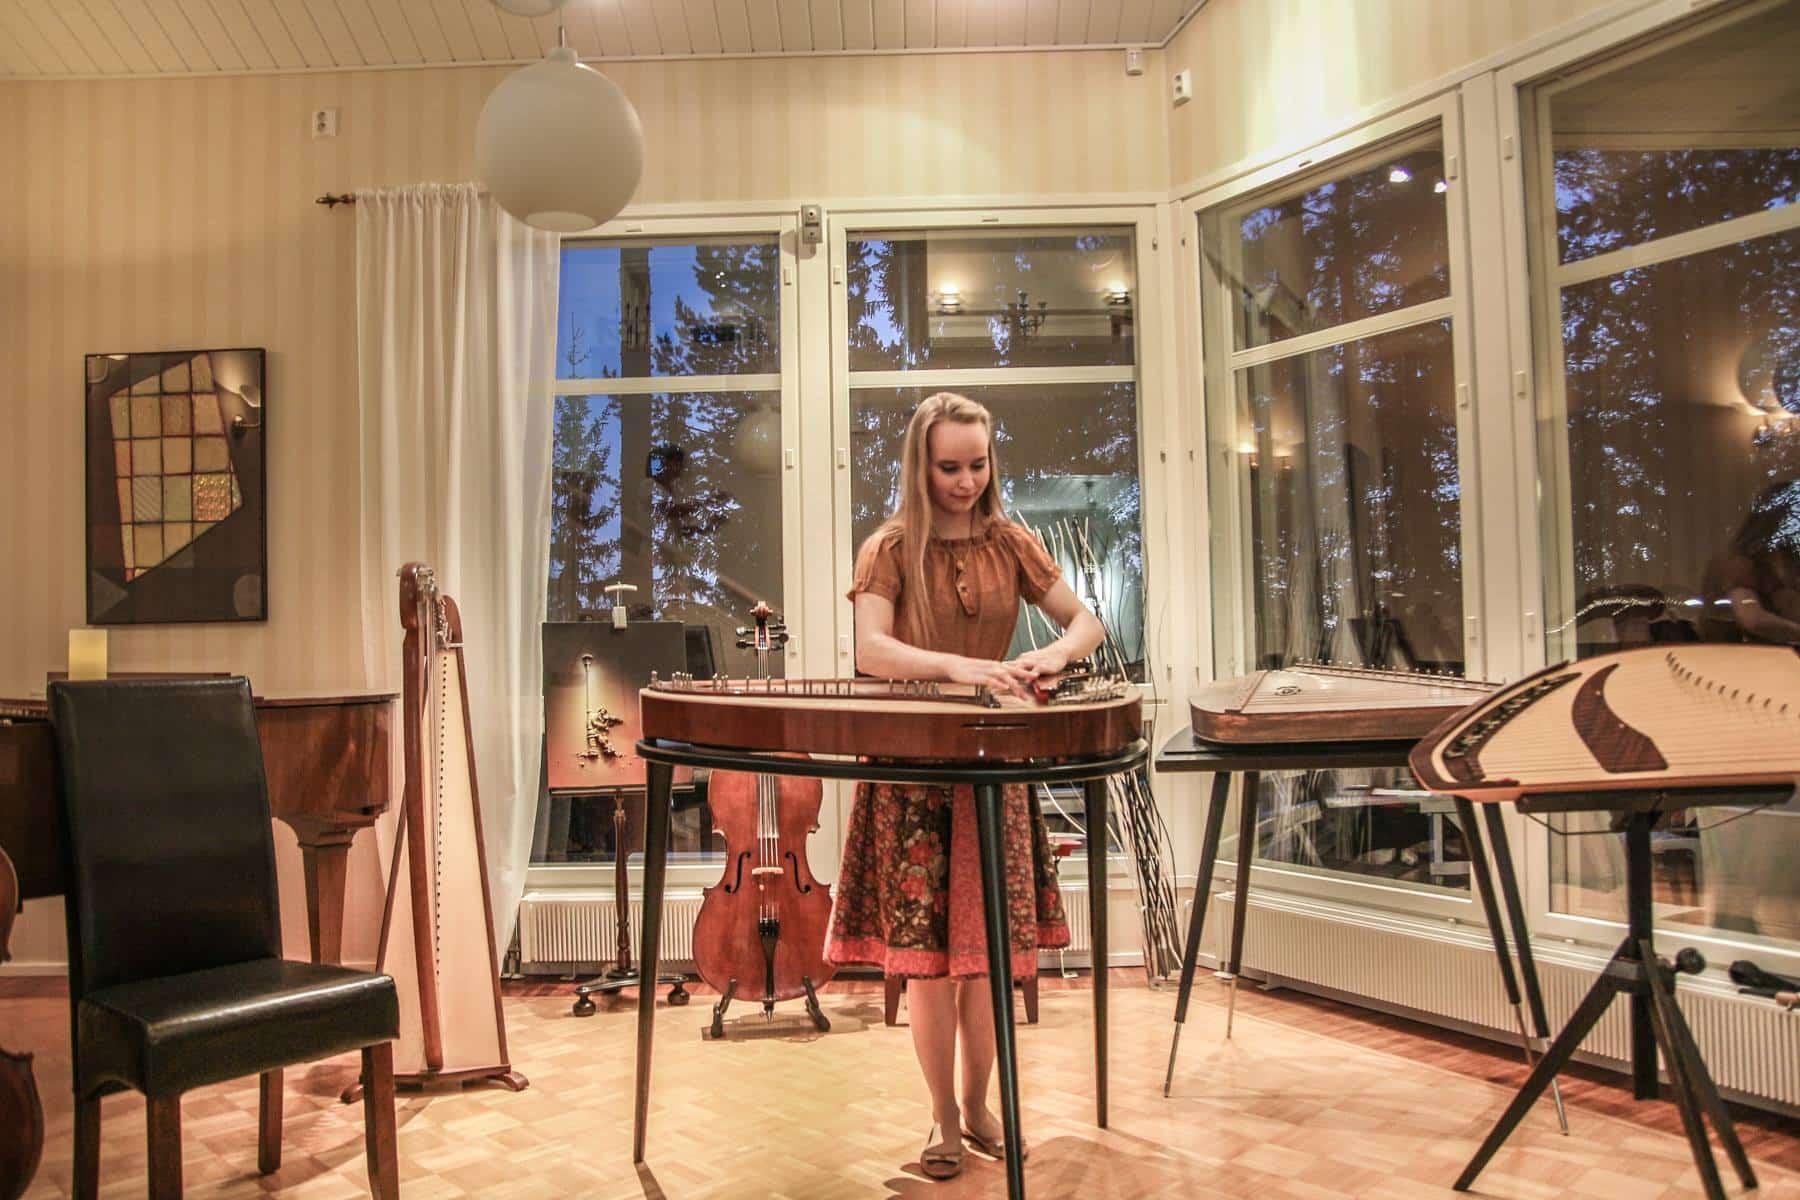 finlande-mademoiselle-voyage-19